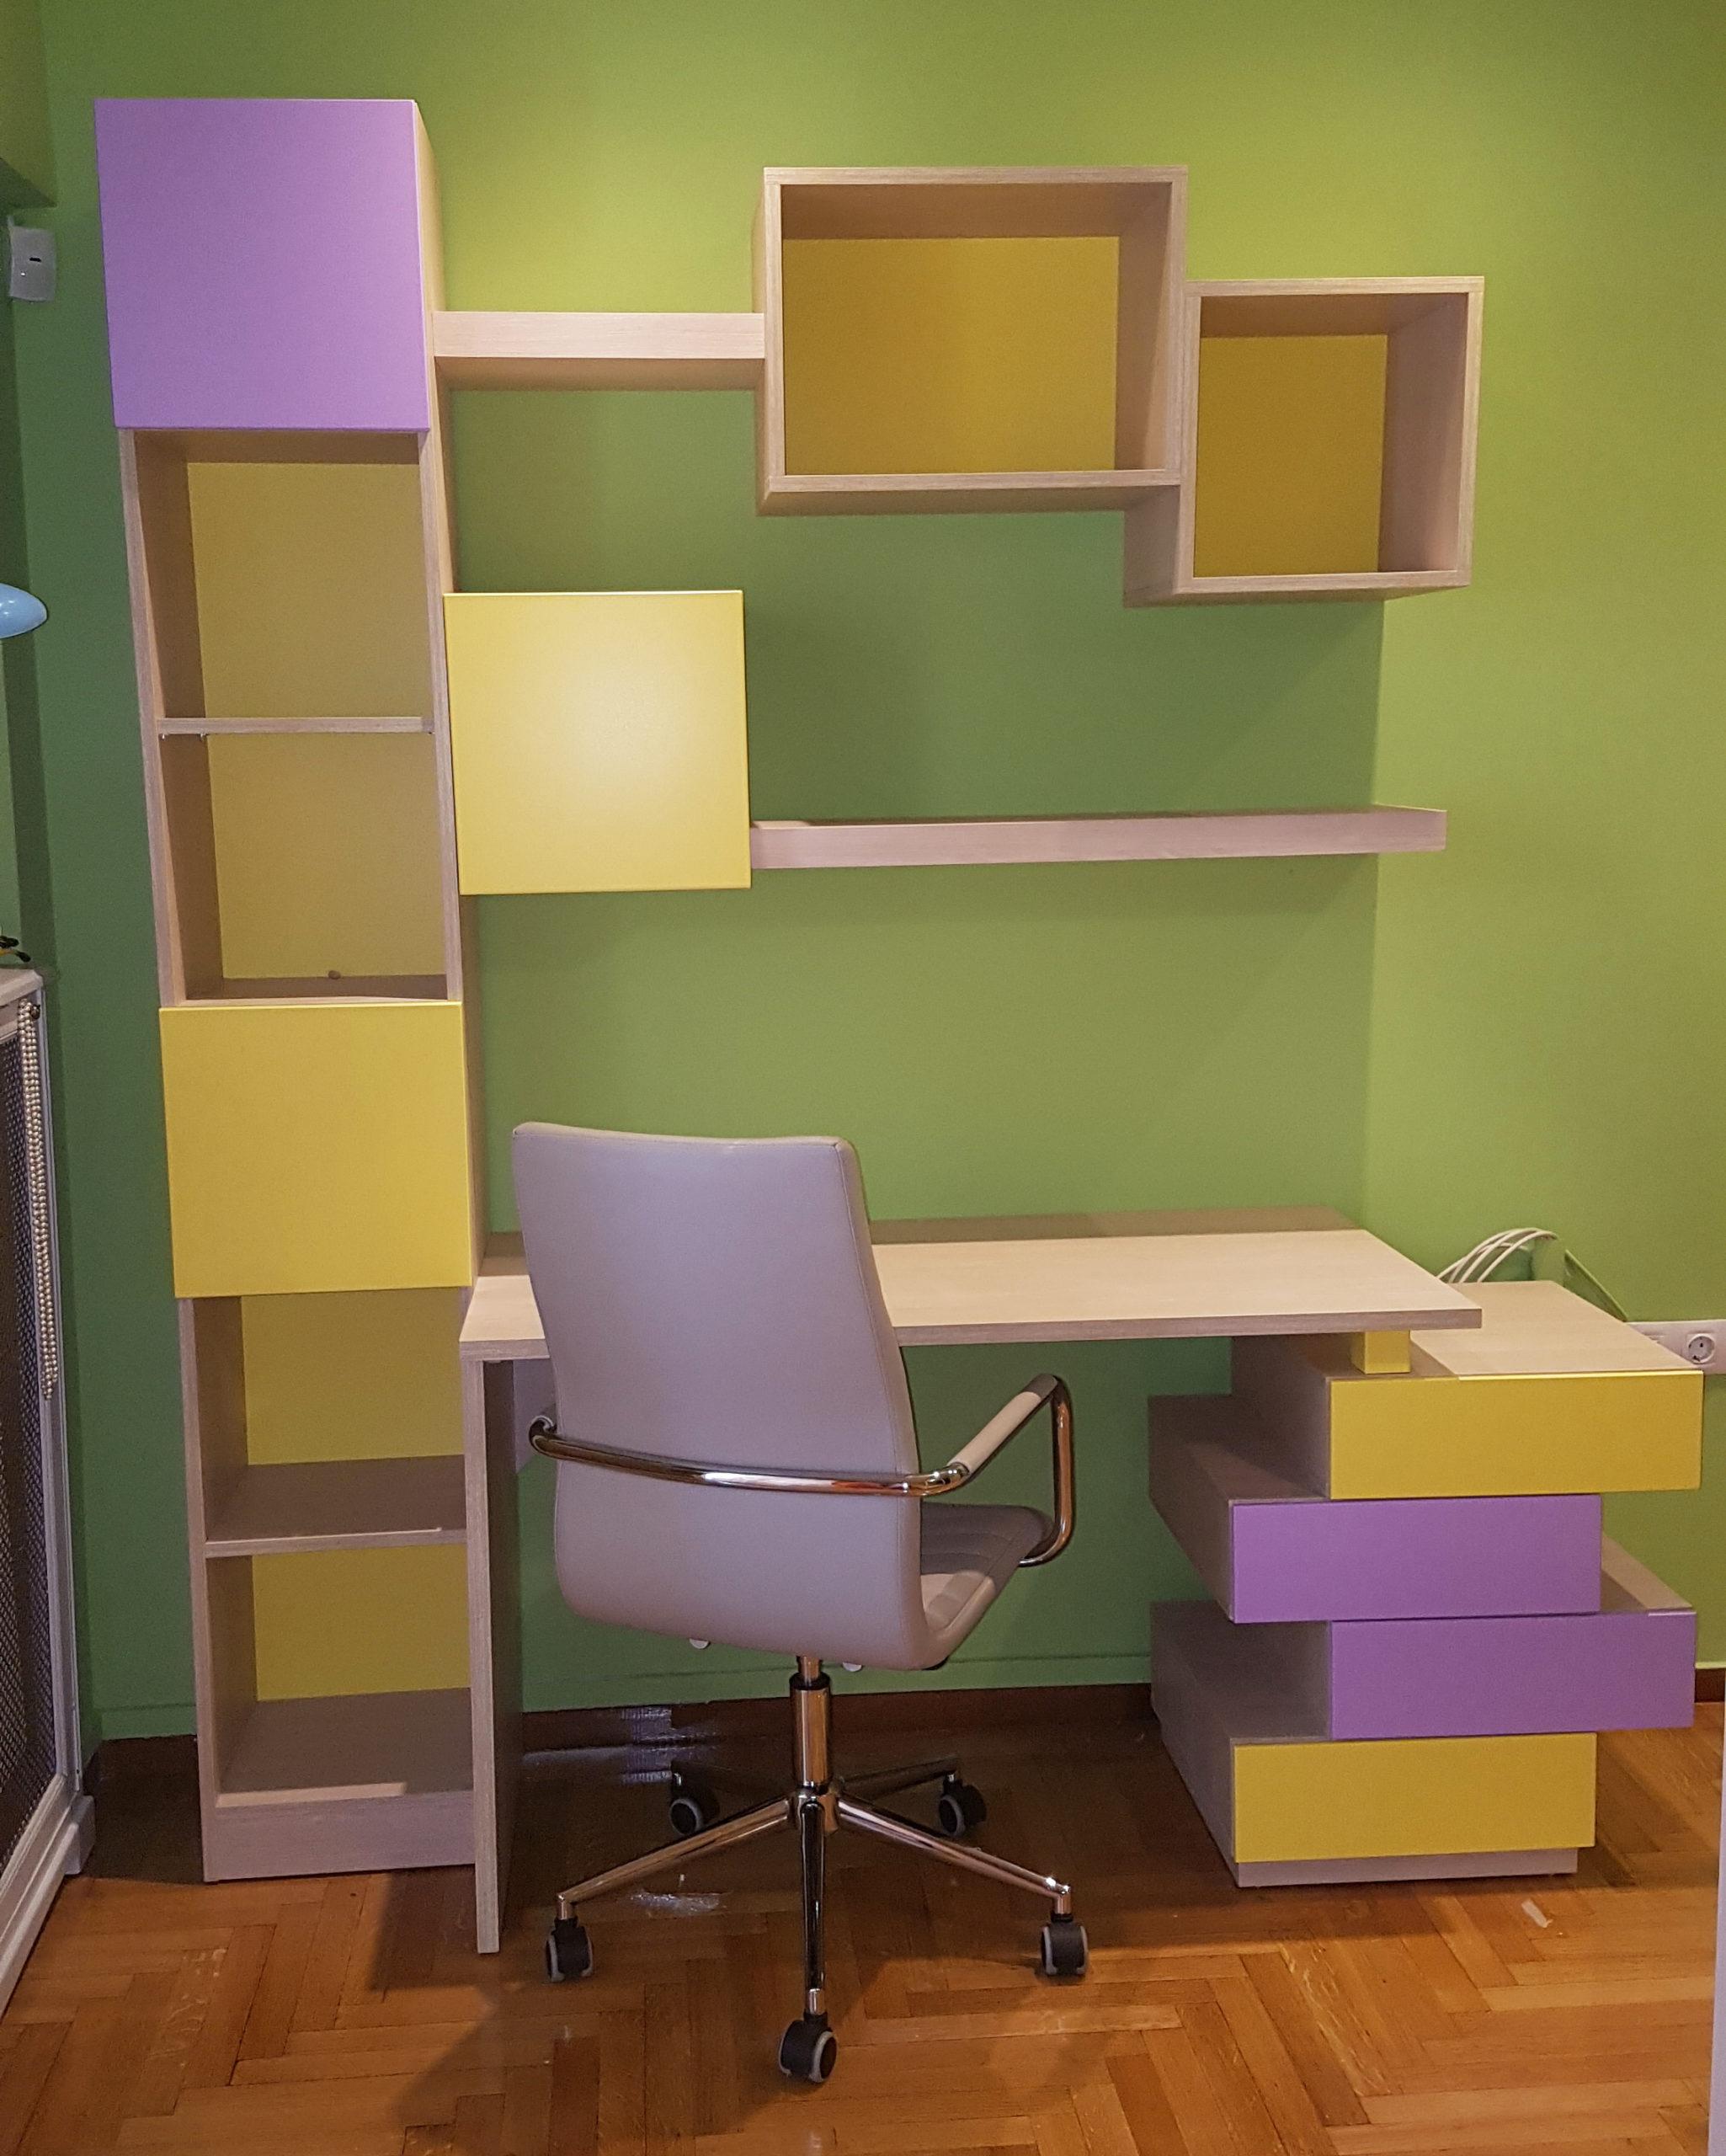 Ετοιμοπαράδοτο Παιδικό Γραφείο με Βιβλιοθήκη